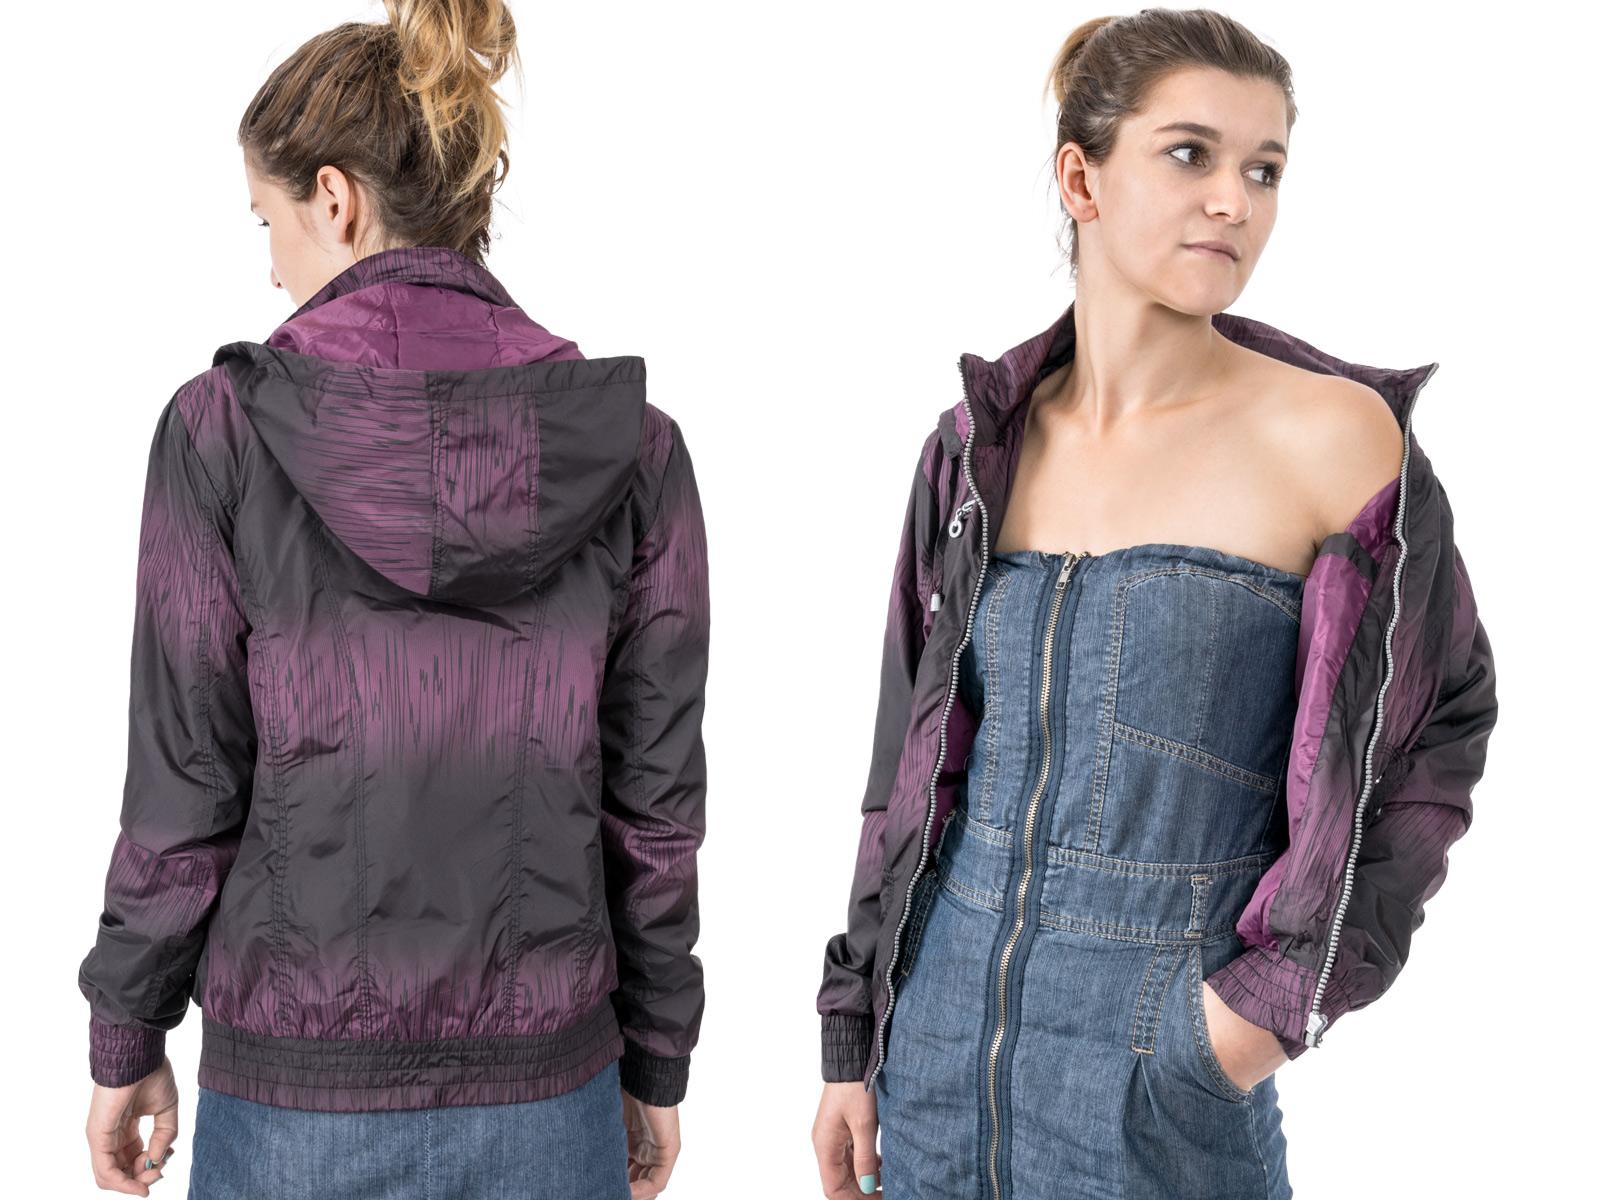 09d3065afc6 Купить Куртка Женская Ветровка с Капюшоном 1505 r S фиолетовый на Otpravka  - цены и фото